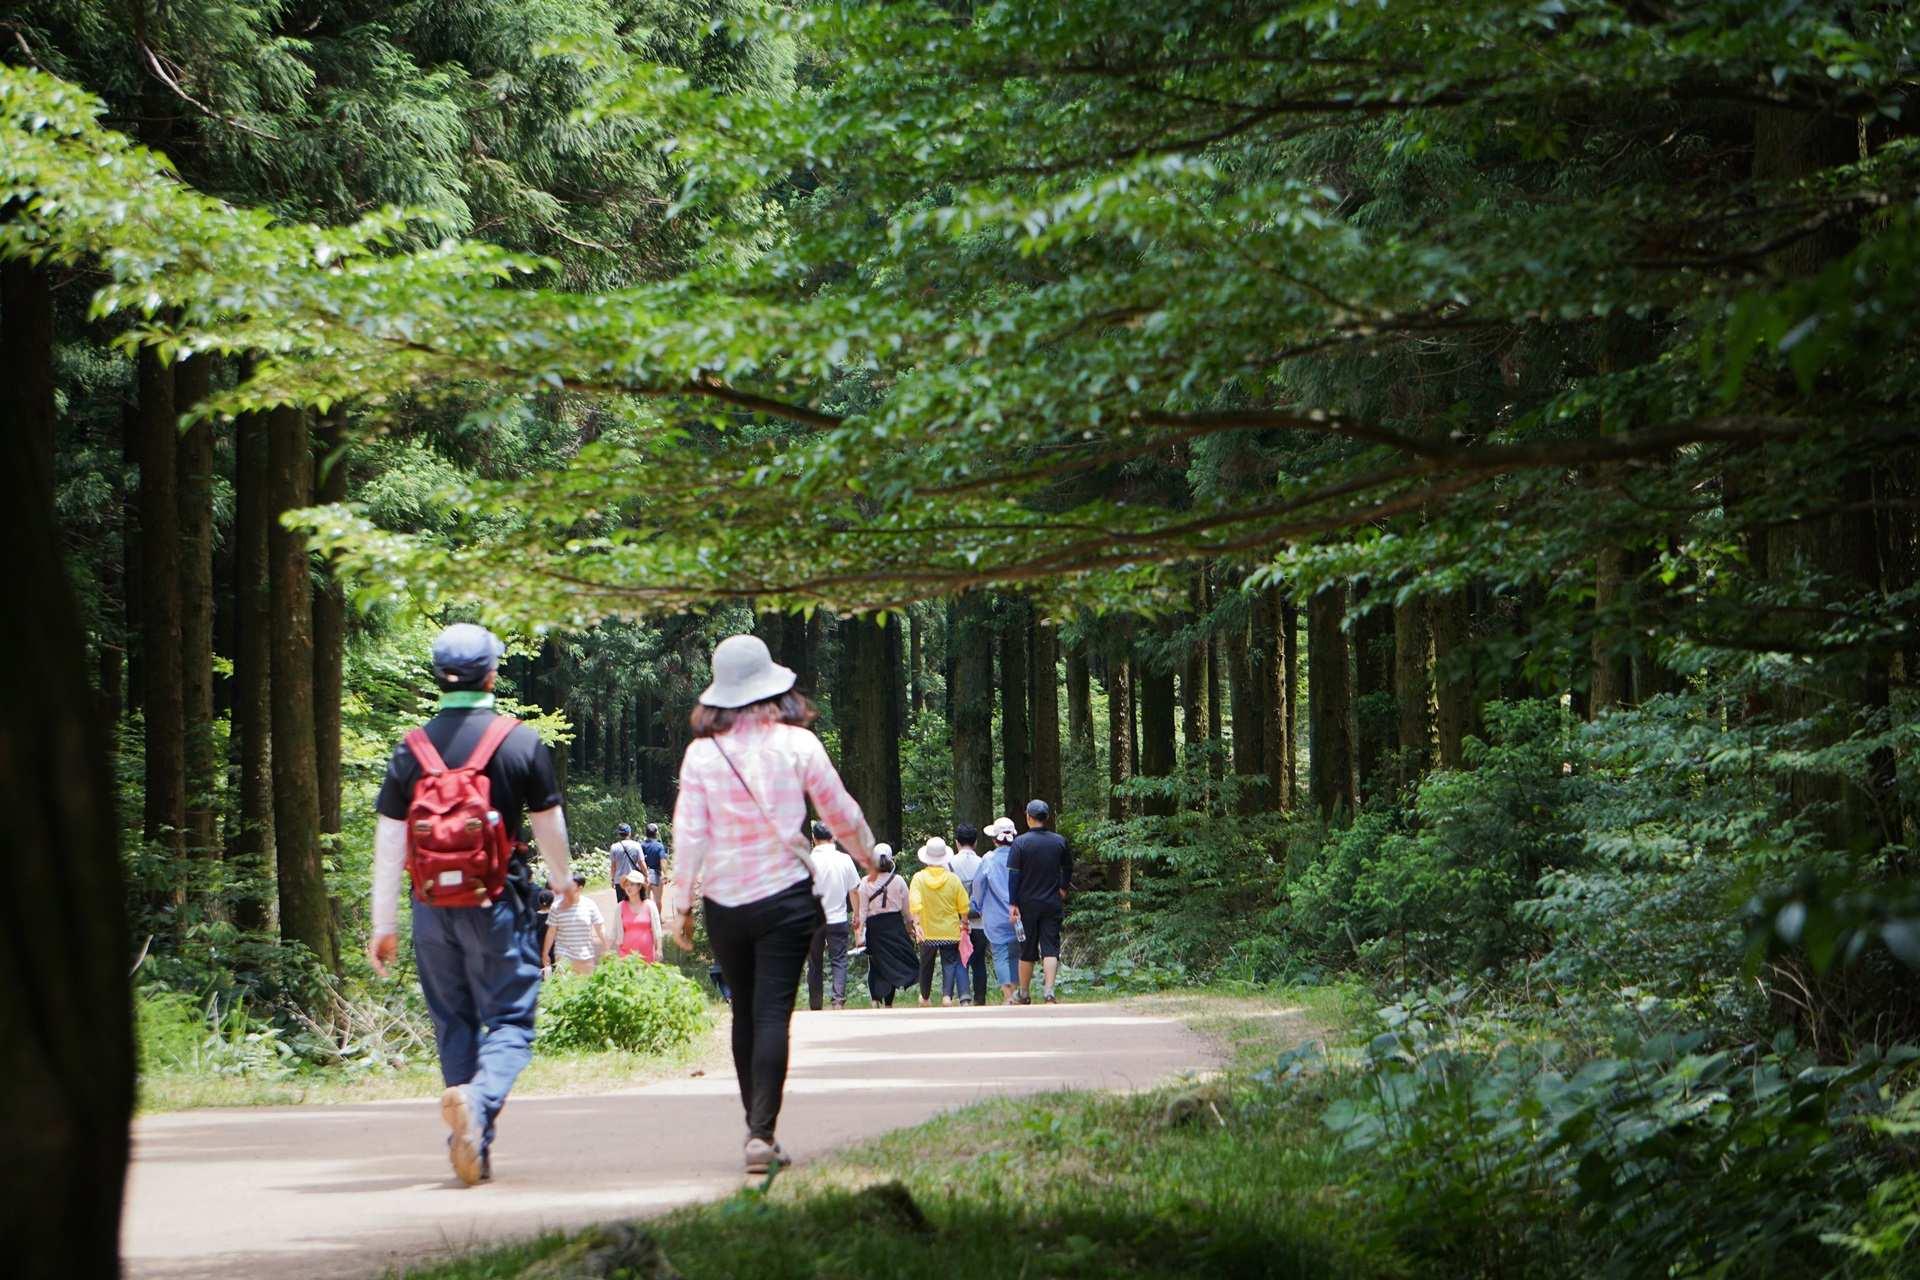 【濟州童話森林】思連伊林蔭道+濟州鐵道自行車+騎馬體驗+瑞士村